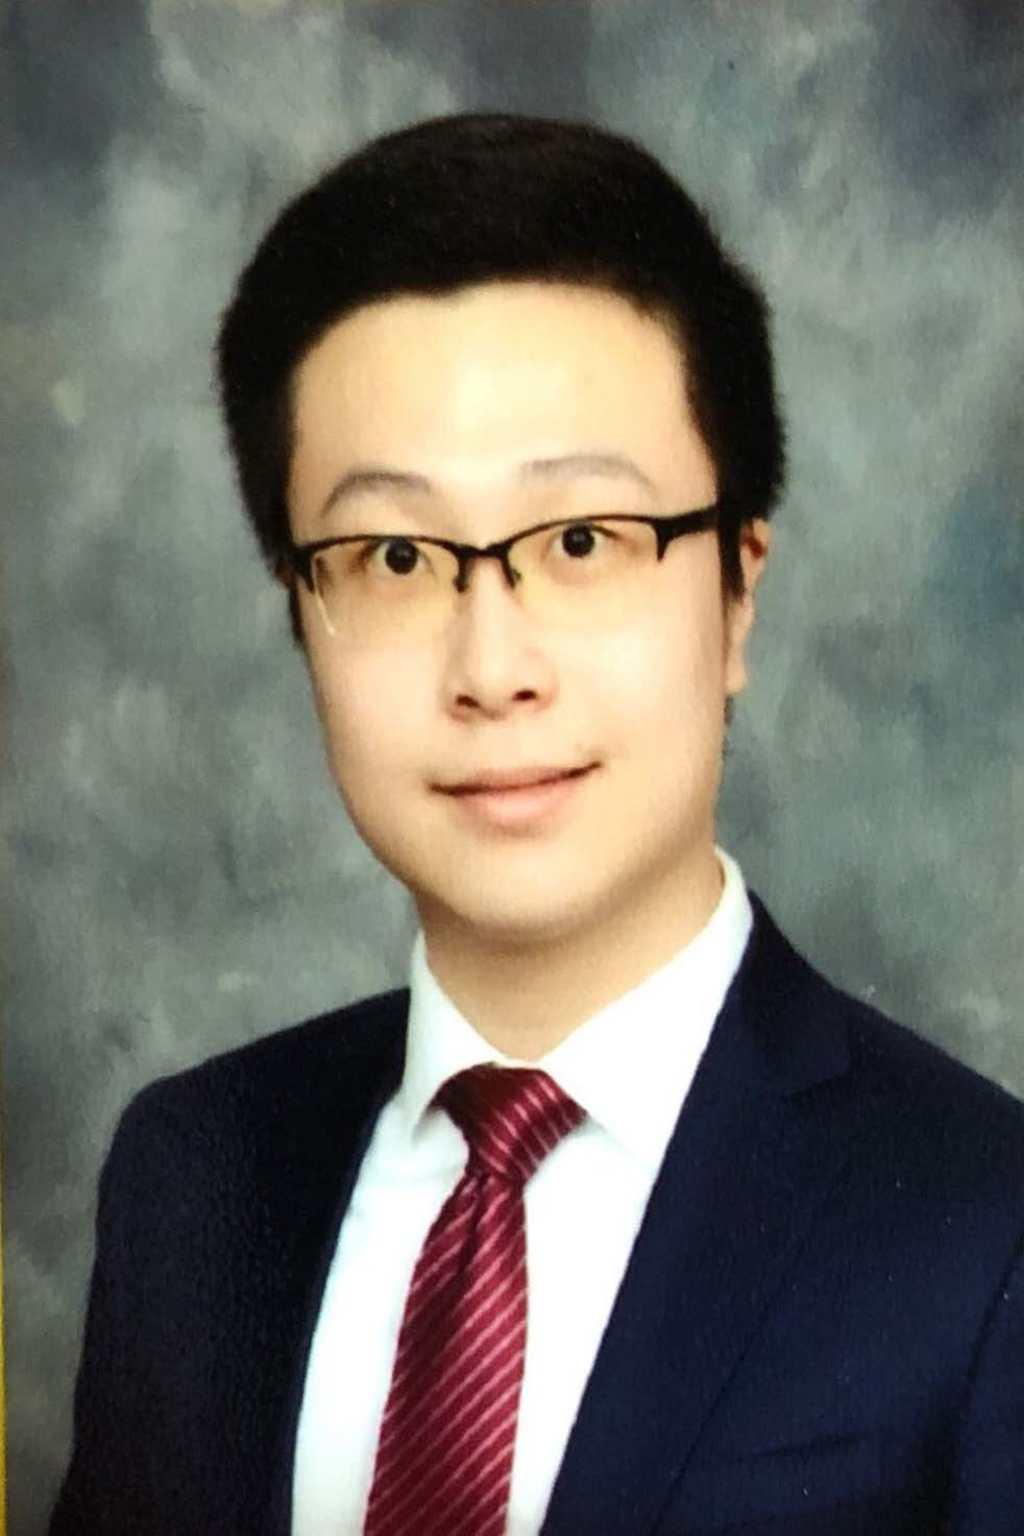 Mingkai Deng